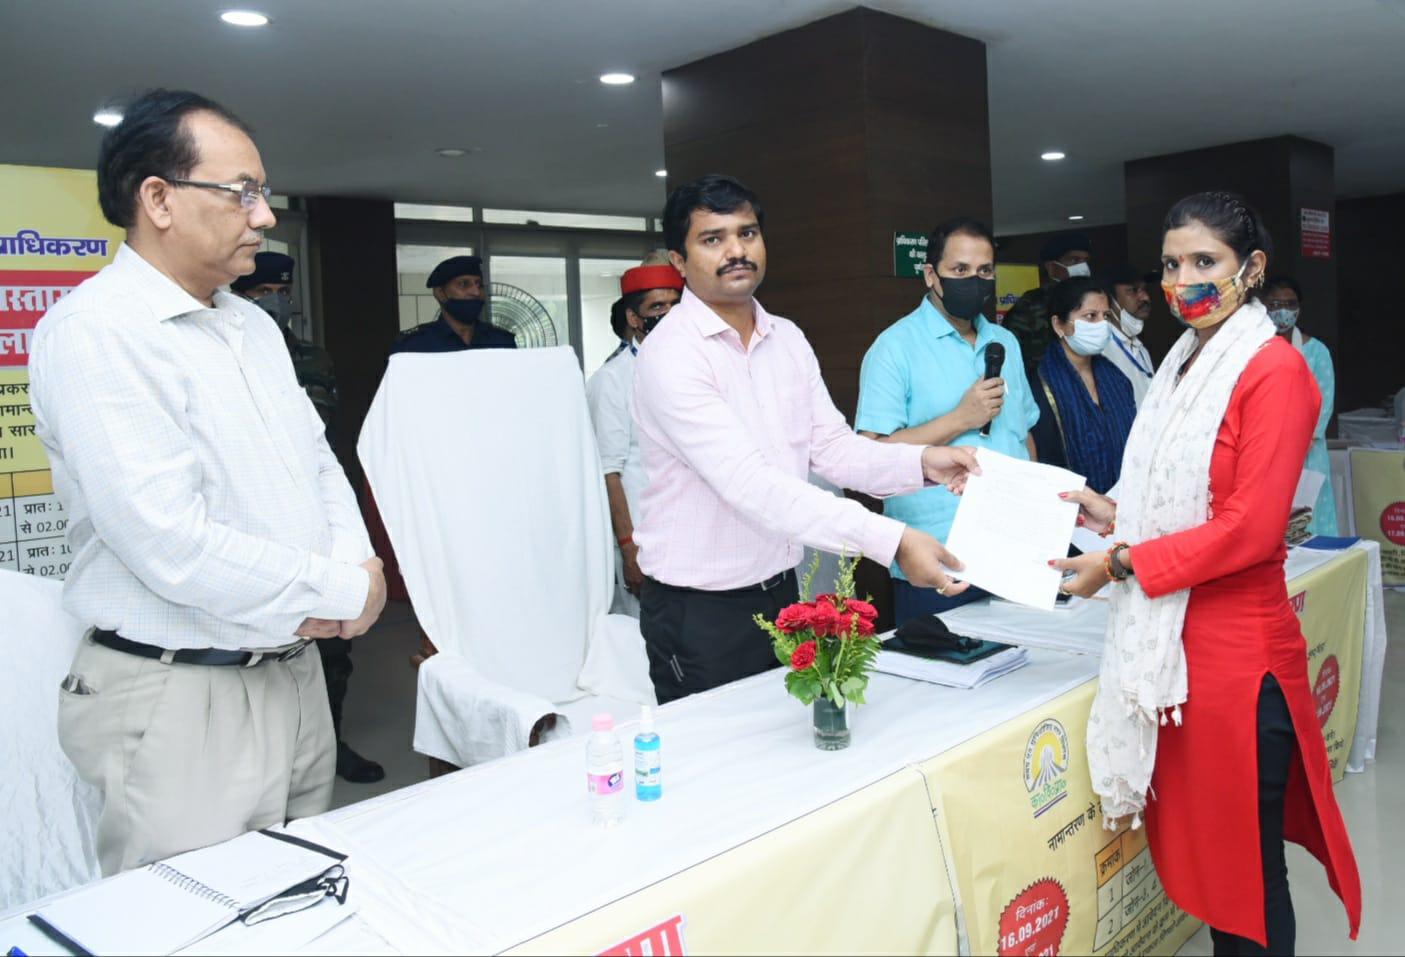 20 महीने से संपत्ति का नामांतरण कराने के लिए लगा रहे थे चक्कर, 4 घंटे में मिल गया नामांतरण पत्र, 26 लाख का रेवेन्यू भी मिला|कानपुर,Kanpur - Dainik Bhaskar